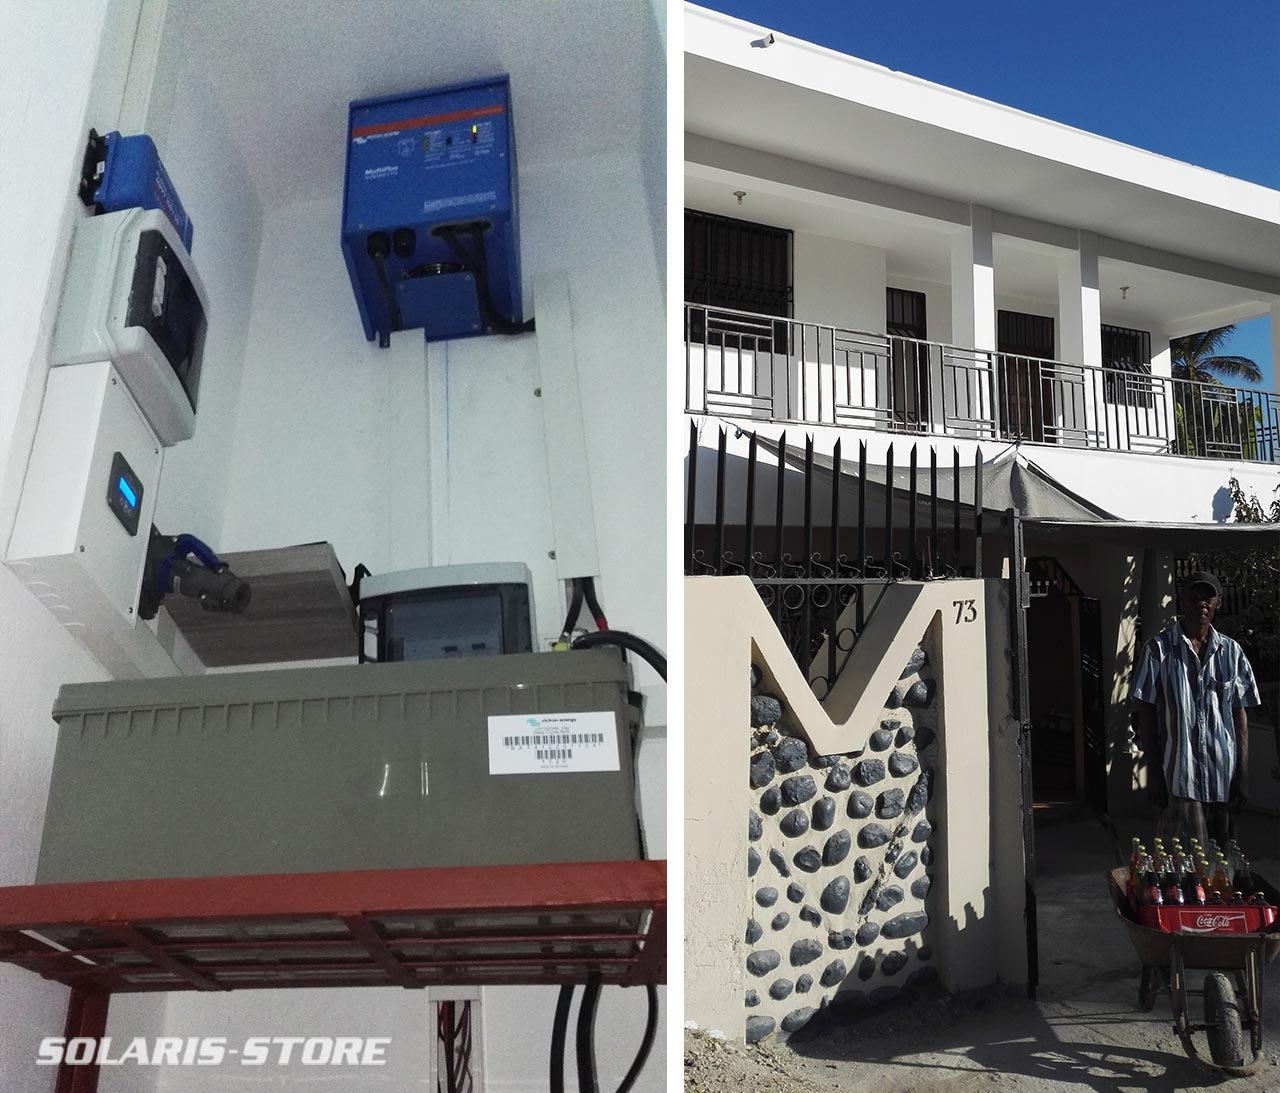 Installation d'un générateur de secours solaire pour lutter contre les coupures de courant en Haitï